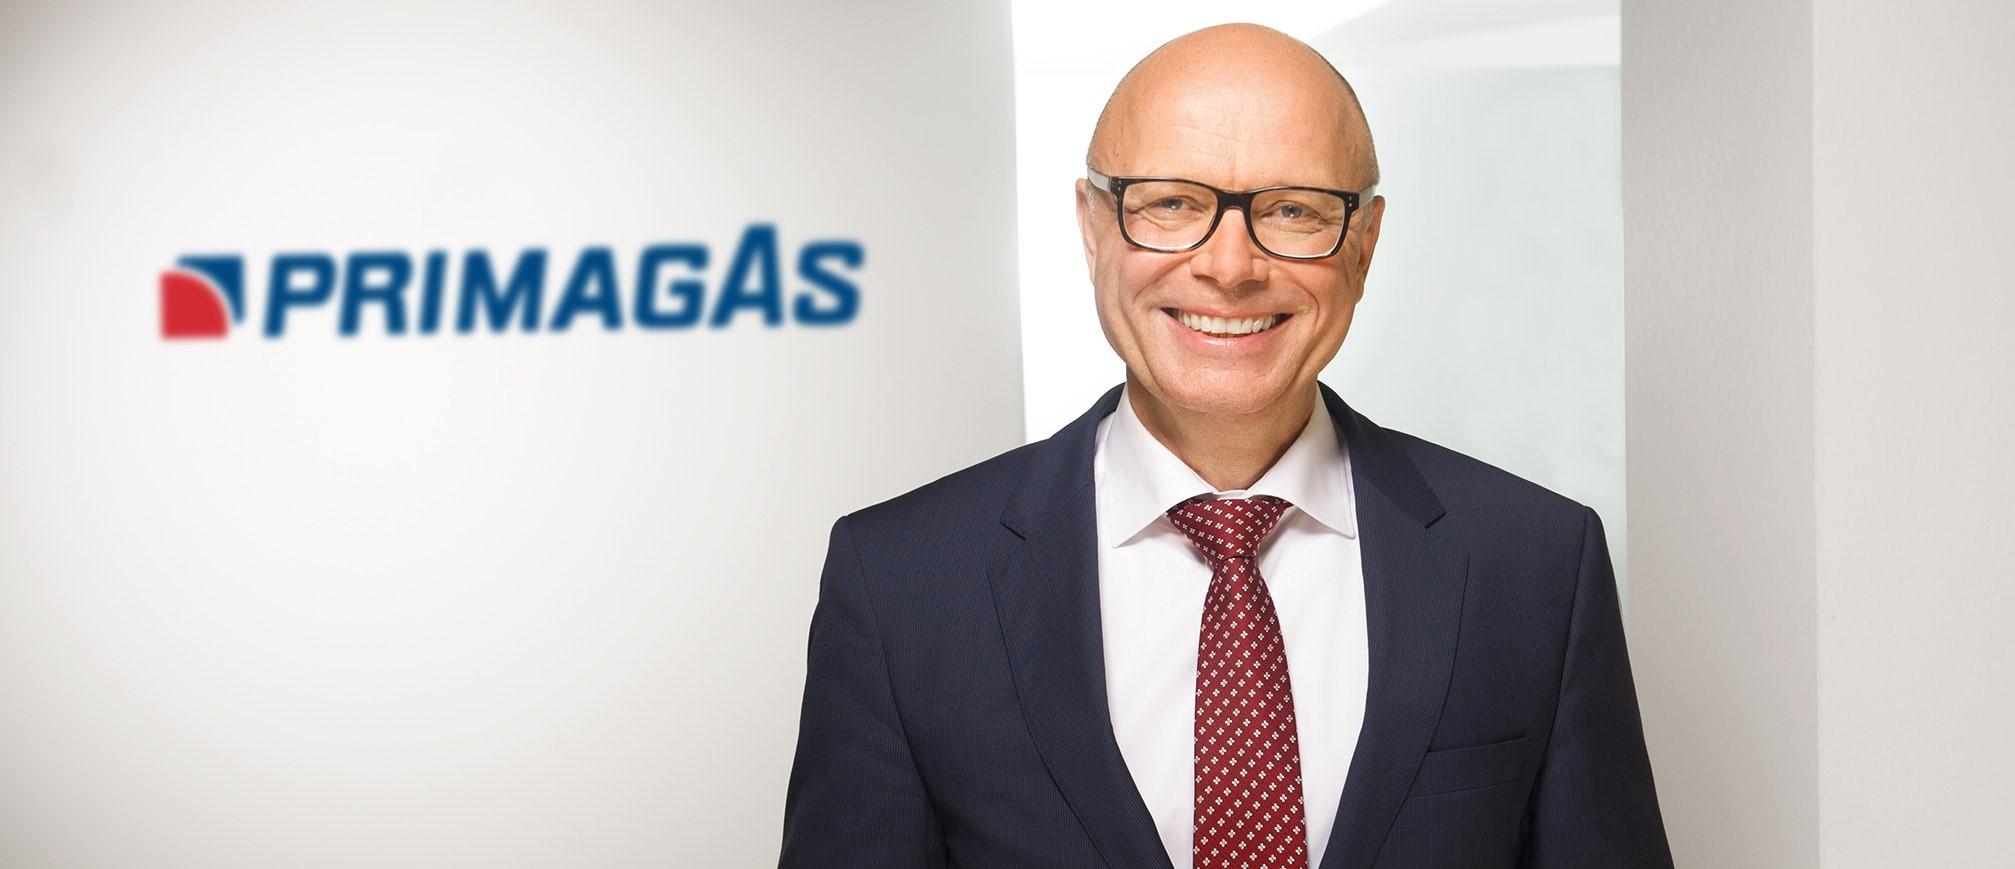 PRIMAGAS Mitarbeiter - Thomas Landmann - Geschäftsführer und Verkaufsdirektor